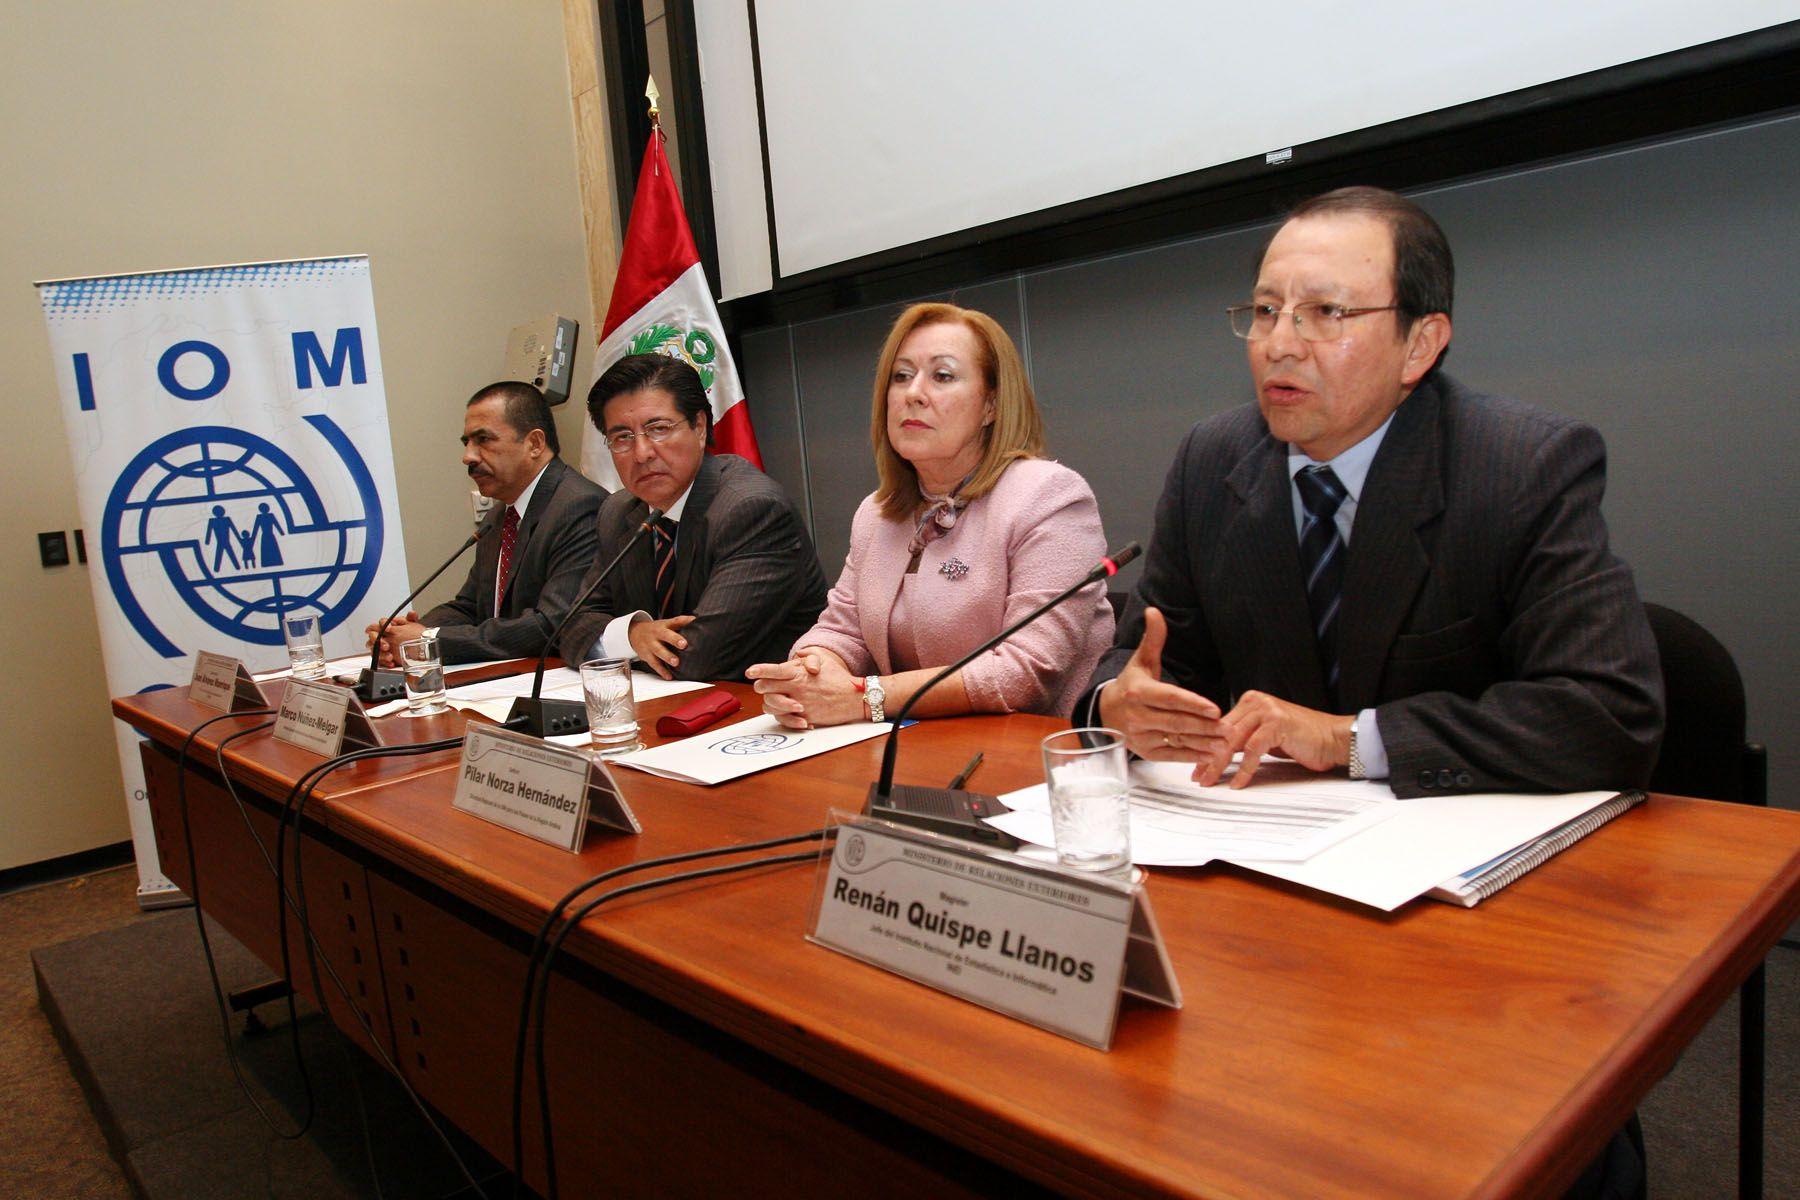 """Presentación de estudio """"Perú estadísticas de la migración internacional de peruanos 1990-2008"""". Foto: ANDINA / Carolina Urra"""